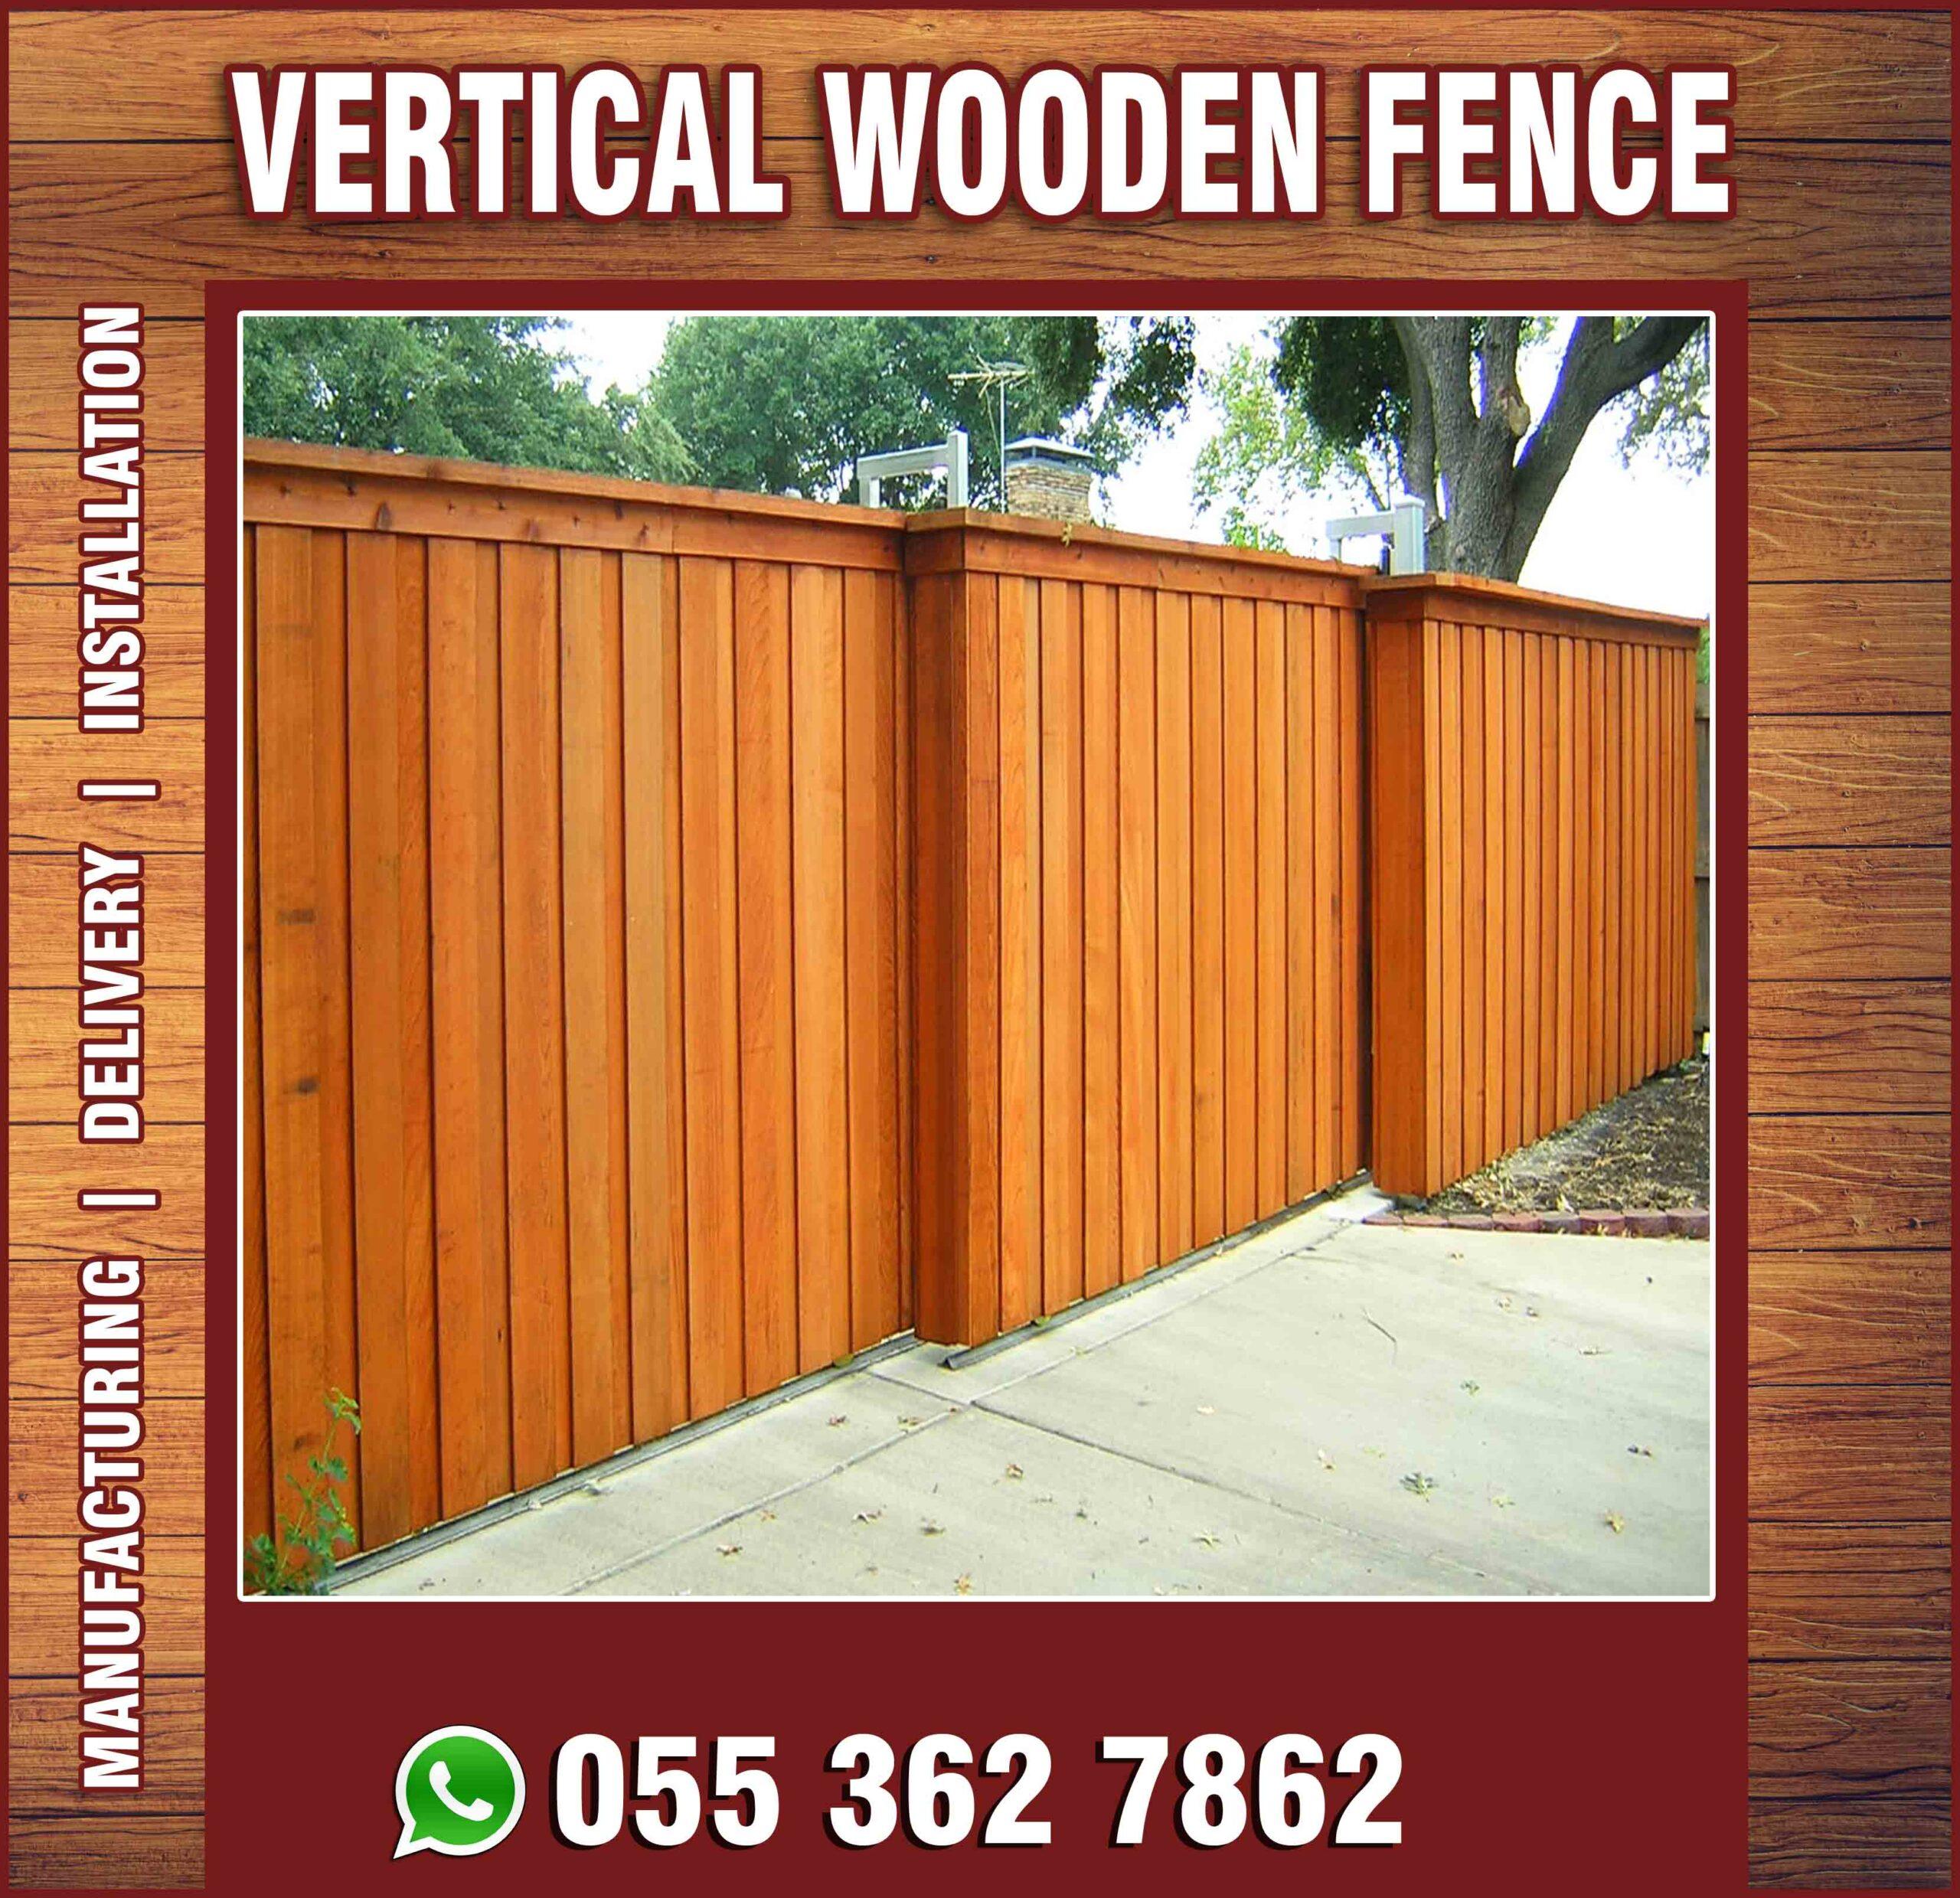 Vertical Wooden Fence in UAE.jpg